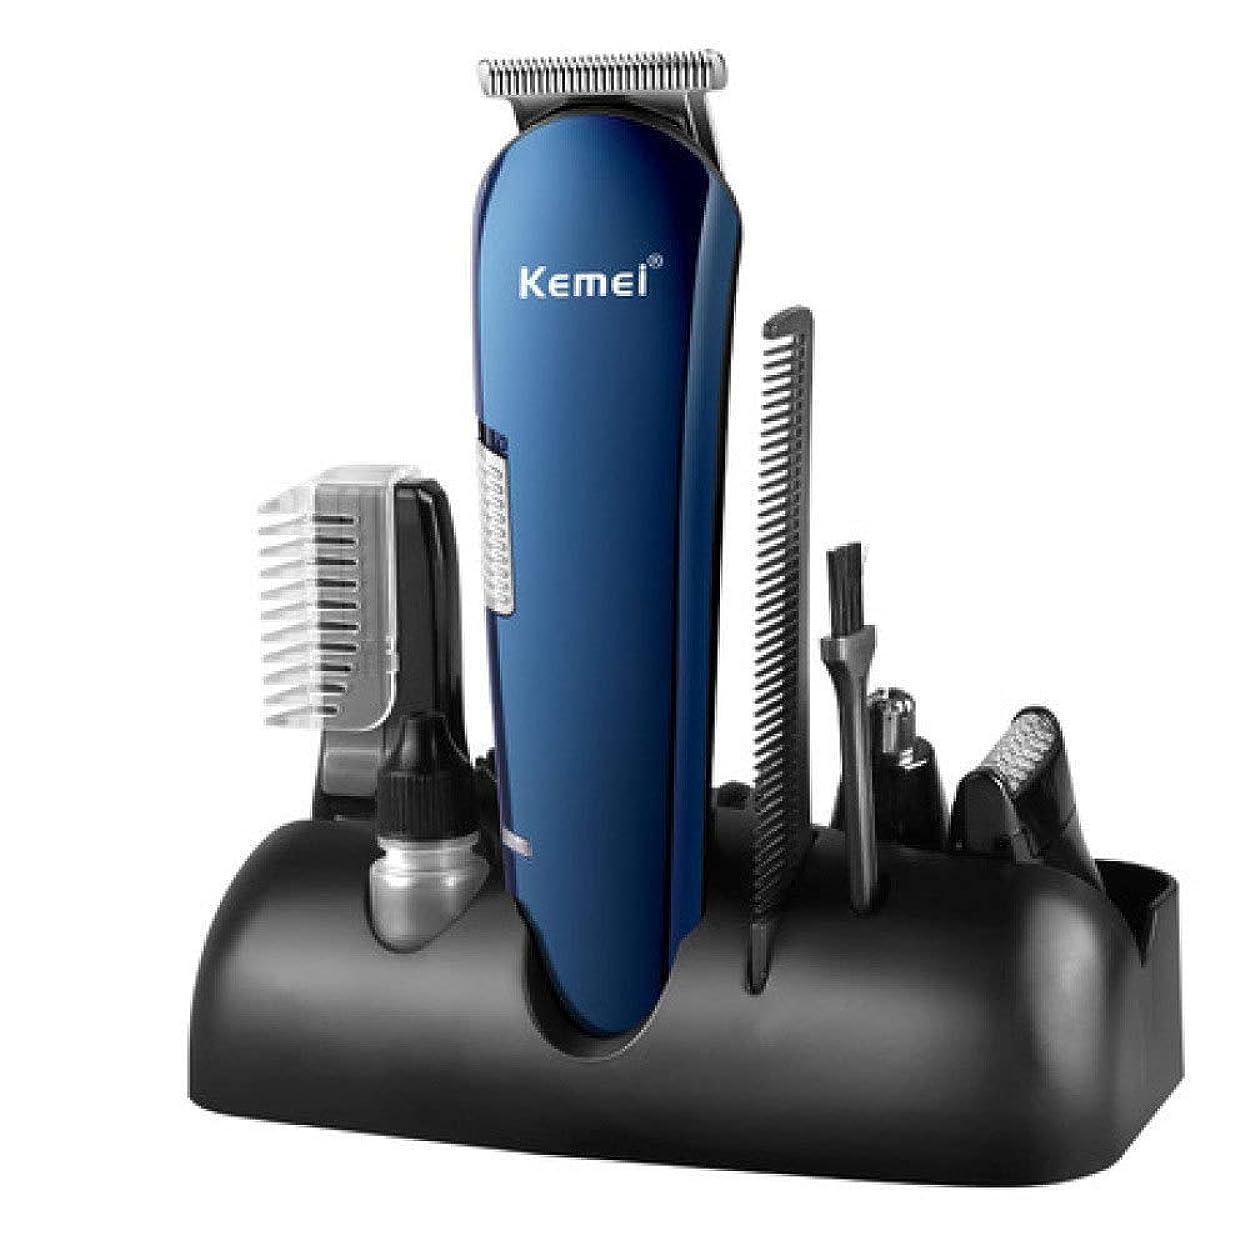 ピボット試用全部QINJLI 電気バリカン、多機能オイル頭剃るシェービング彫刻ニックス鼻毛 5 つの充電式、15.7 * 4.3 Cm